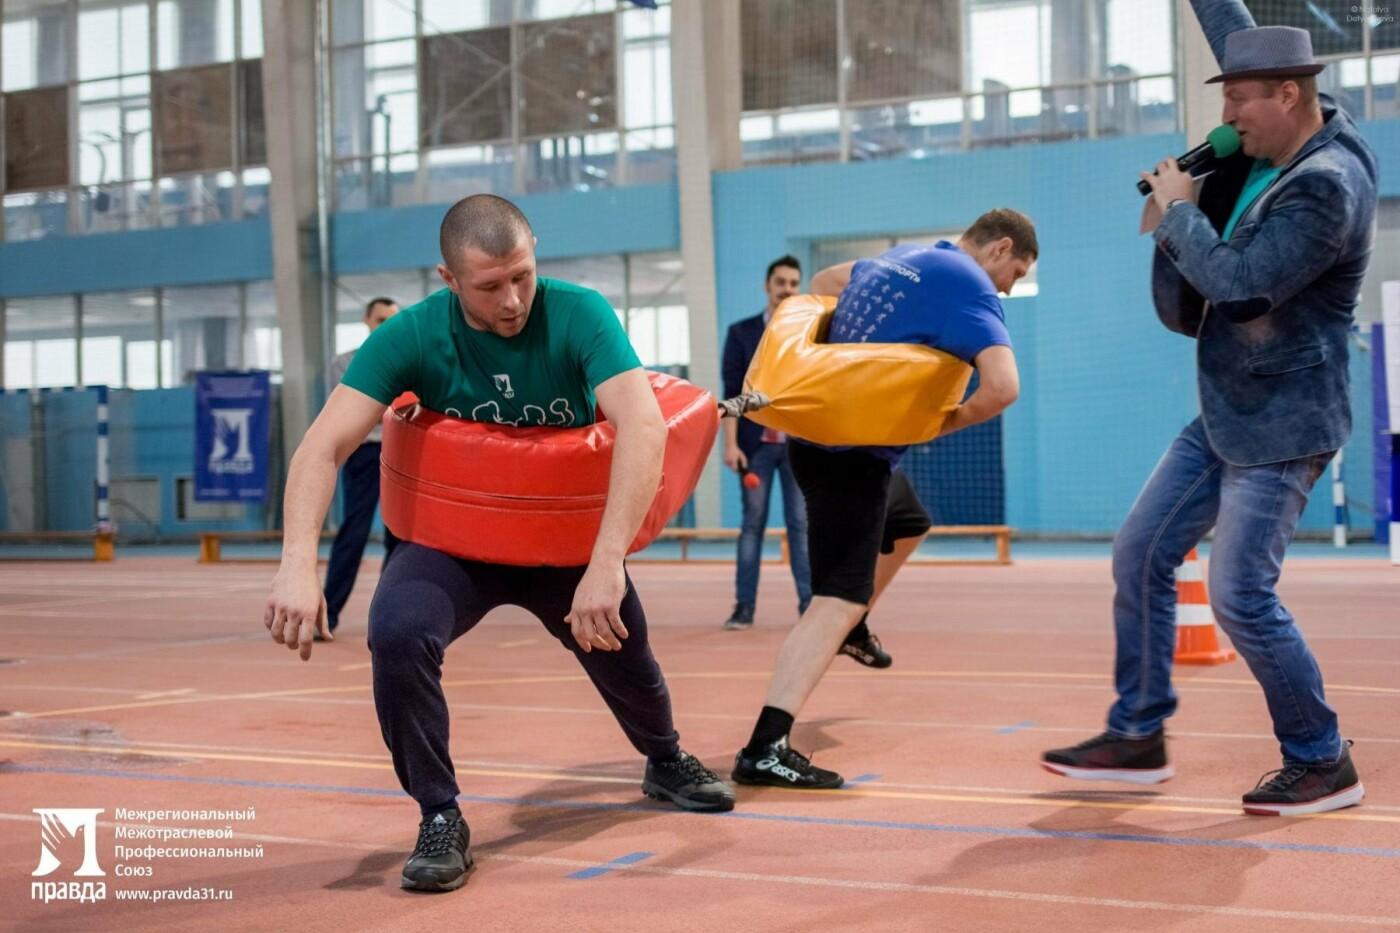 В Белгороде определили победителей спартакиады профсоюза «Правда», фото-22